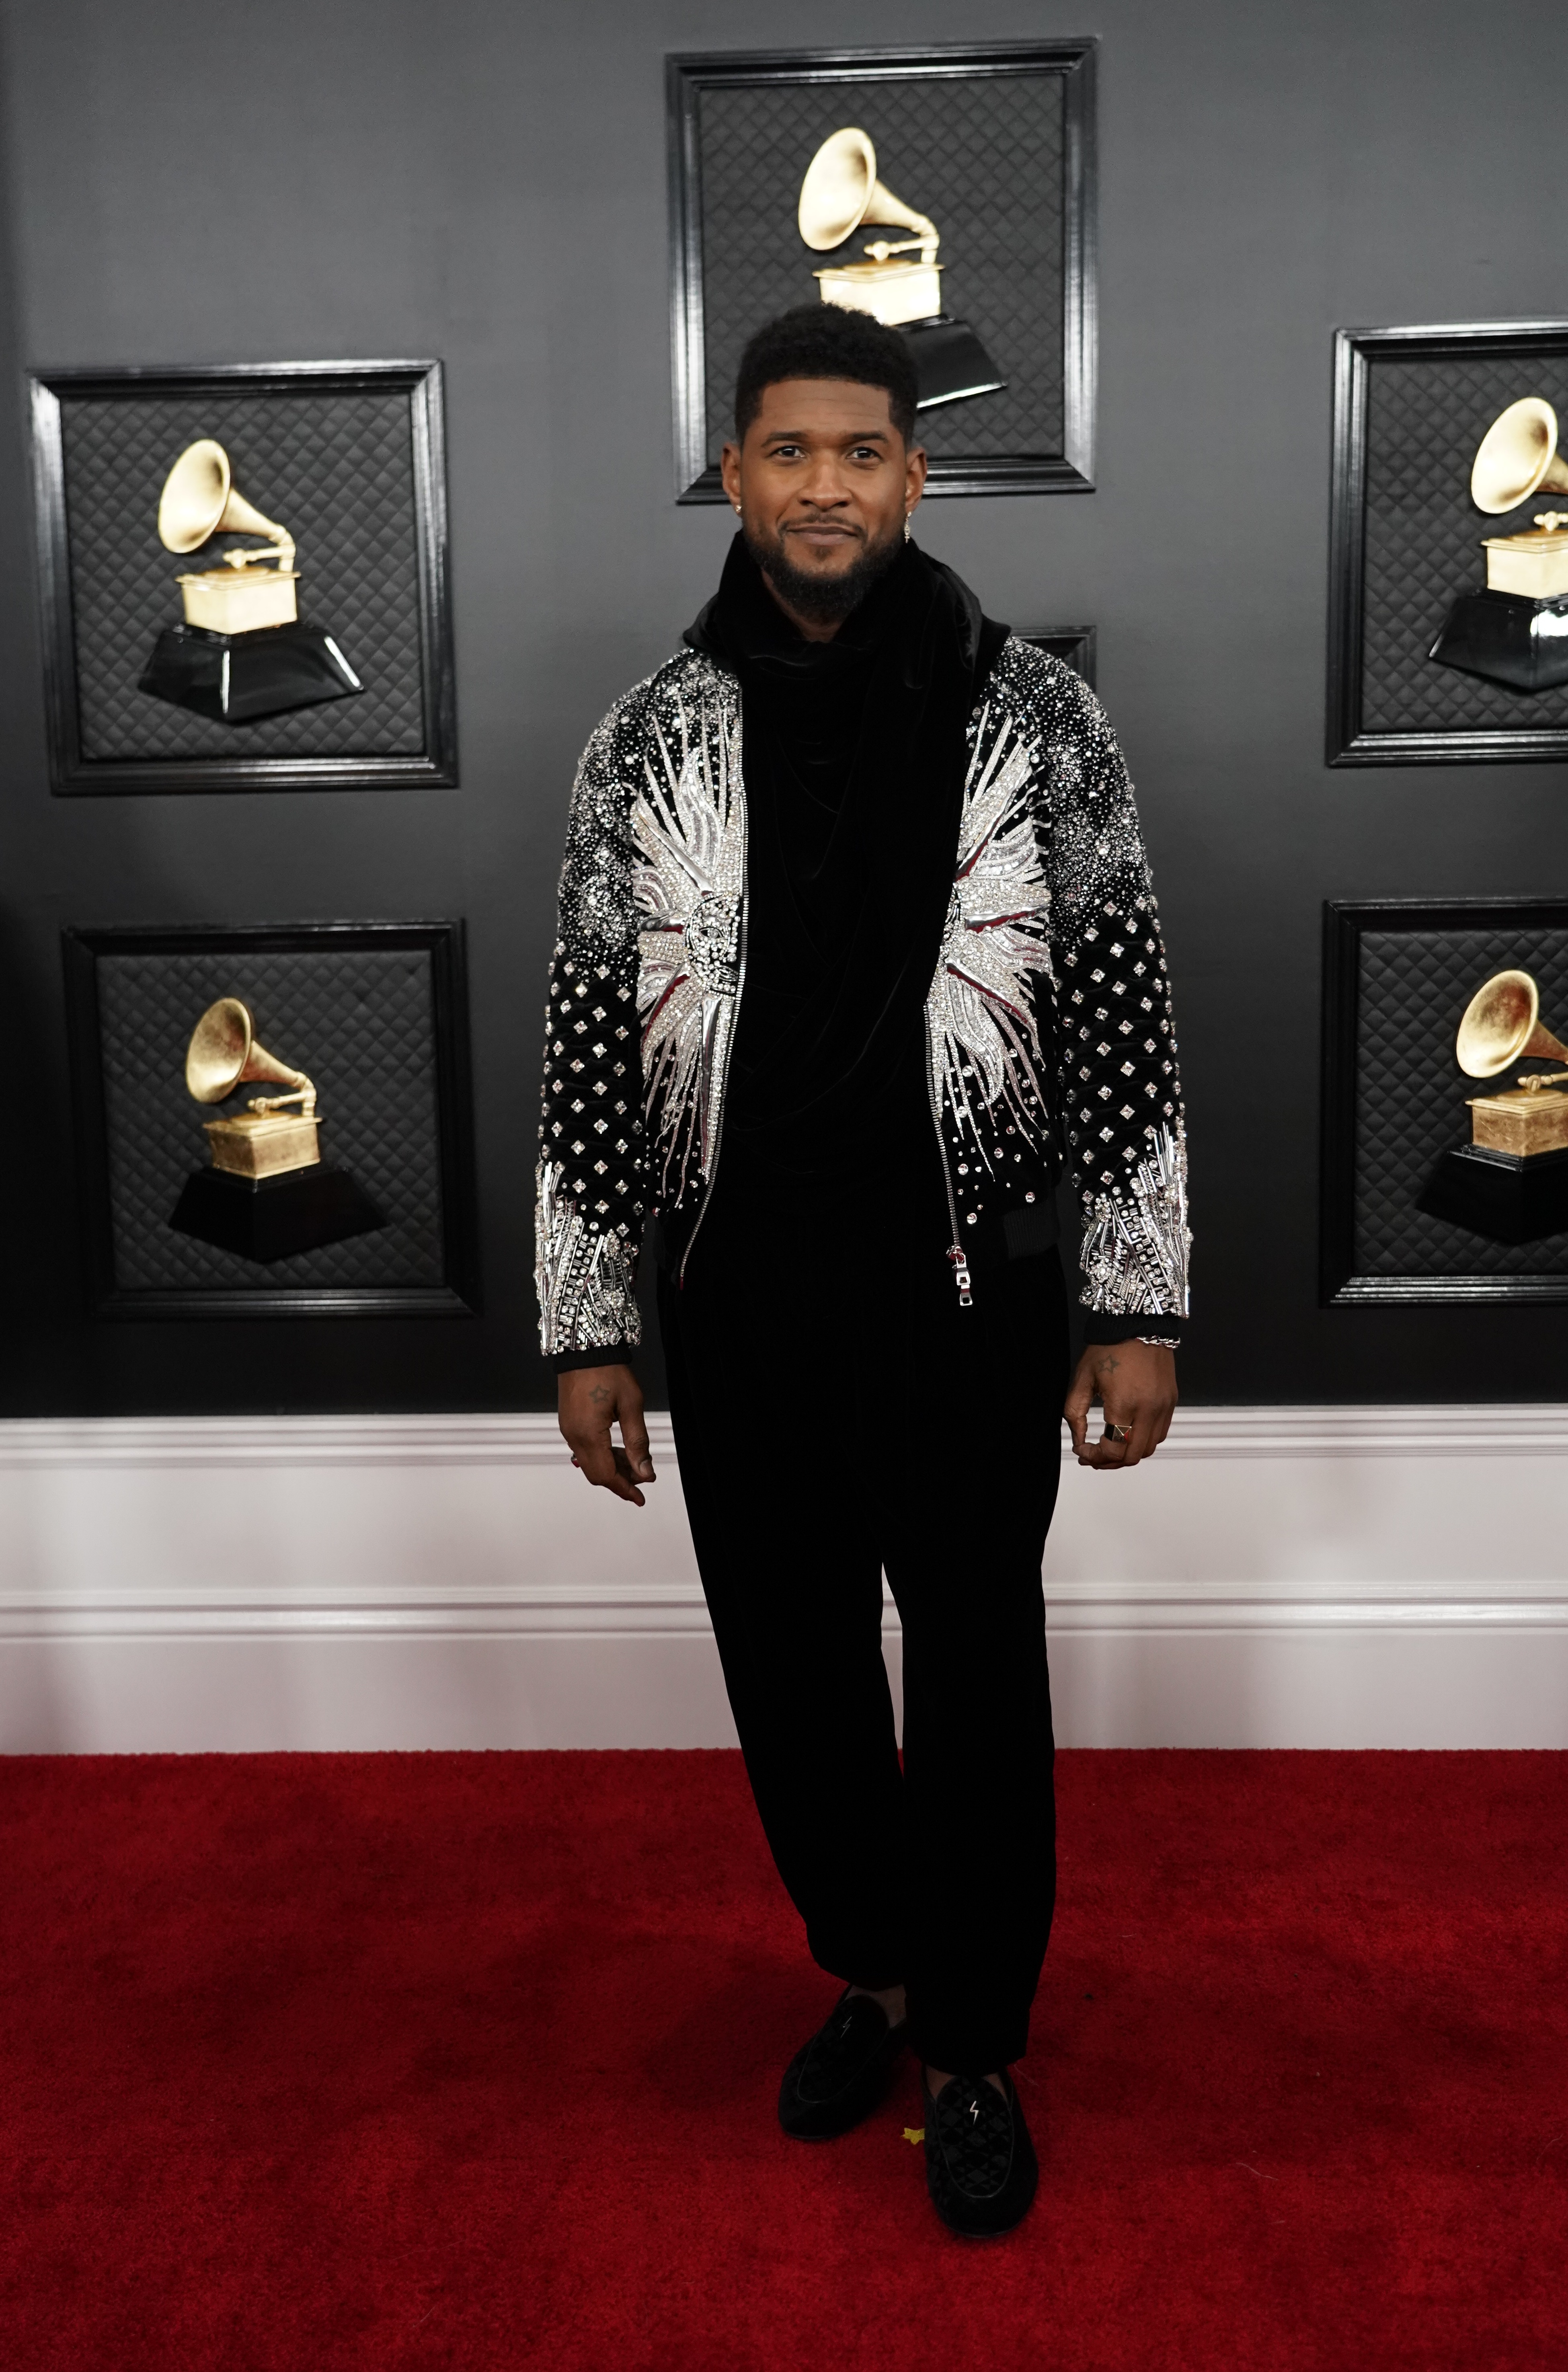 El rapero Usher lució un total black look pero para cortar apostó a una bomber bordada en blanco y negro con flores con cristales y piedras